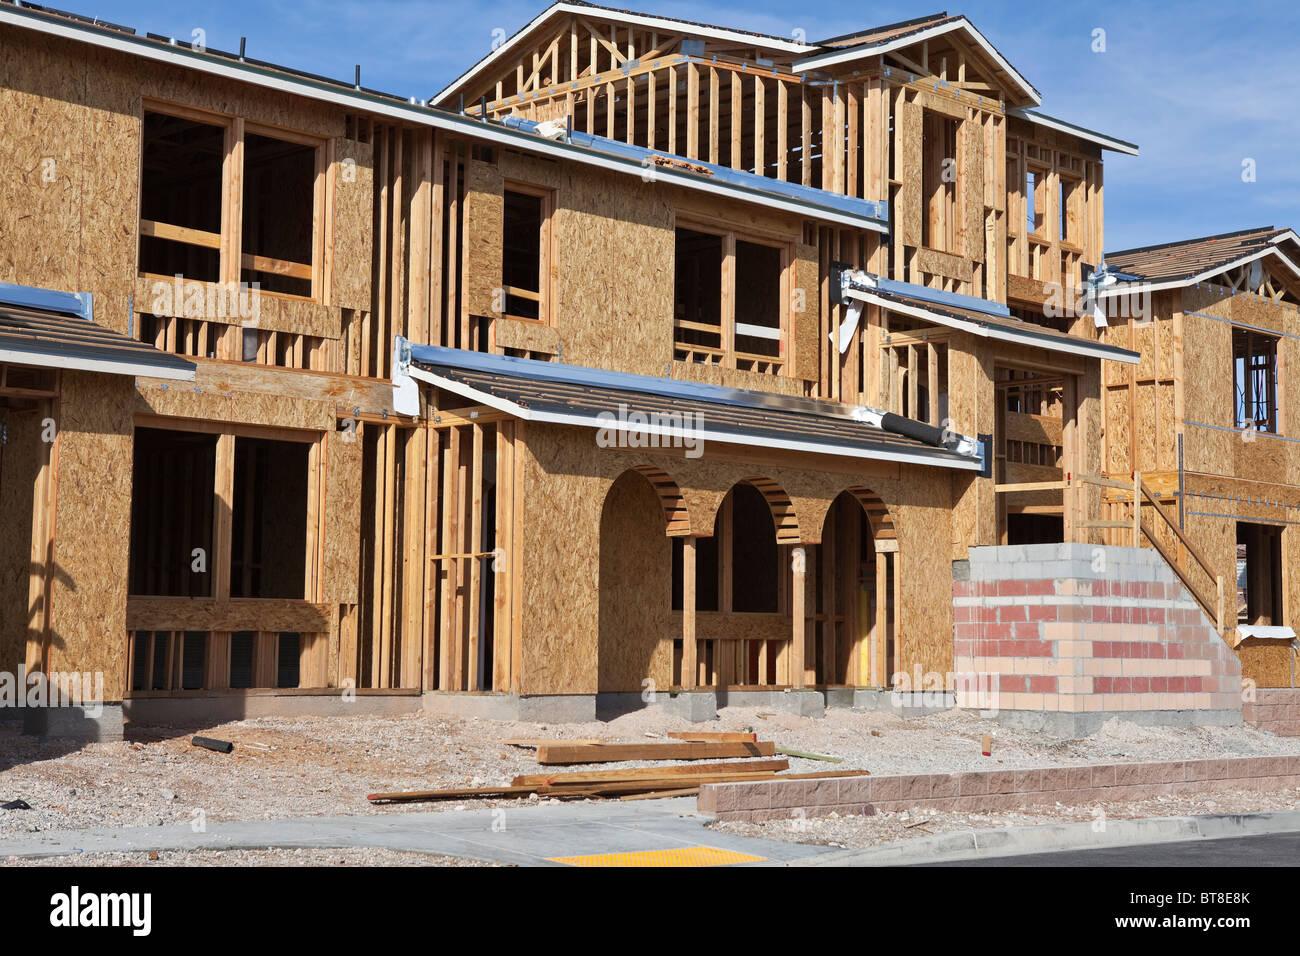 Solide maison moderne de construction dans l'ouest des États-Unis. Photo Stock